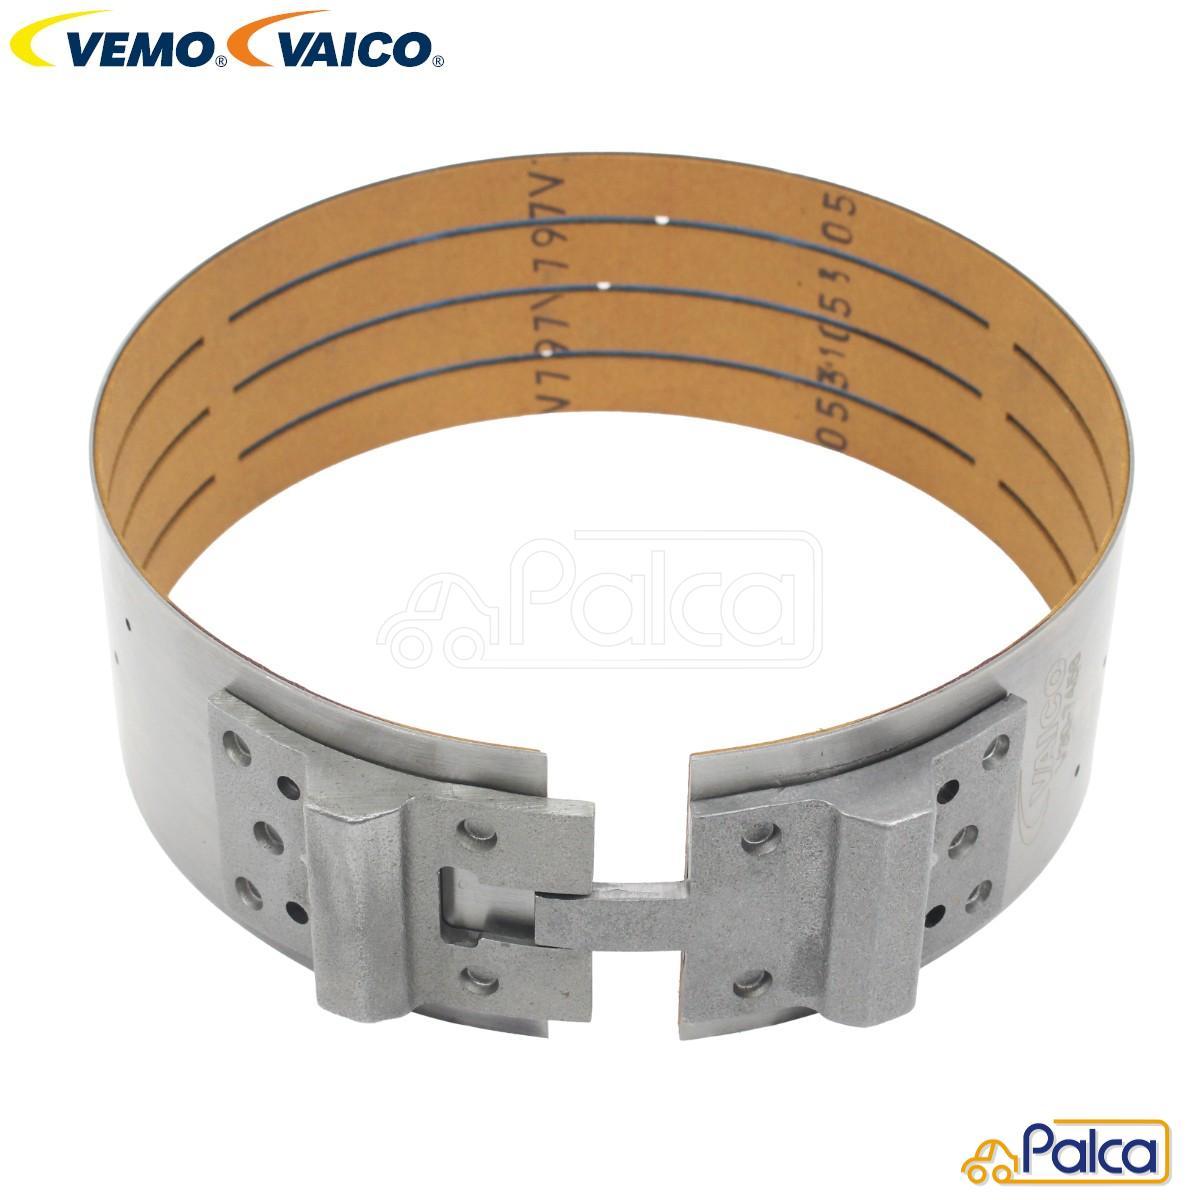 VEMO/VAICO製 新品 【あす楽】ベンツ ブレーキバンド B1  190クラス/W201   ミディアムクラス/W123 W124   Eクラス/W124 W210   Sクラス/W126 W140   ミッション型式 722.3 722.5   VAICO製